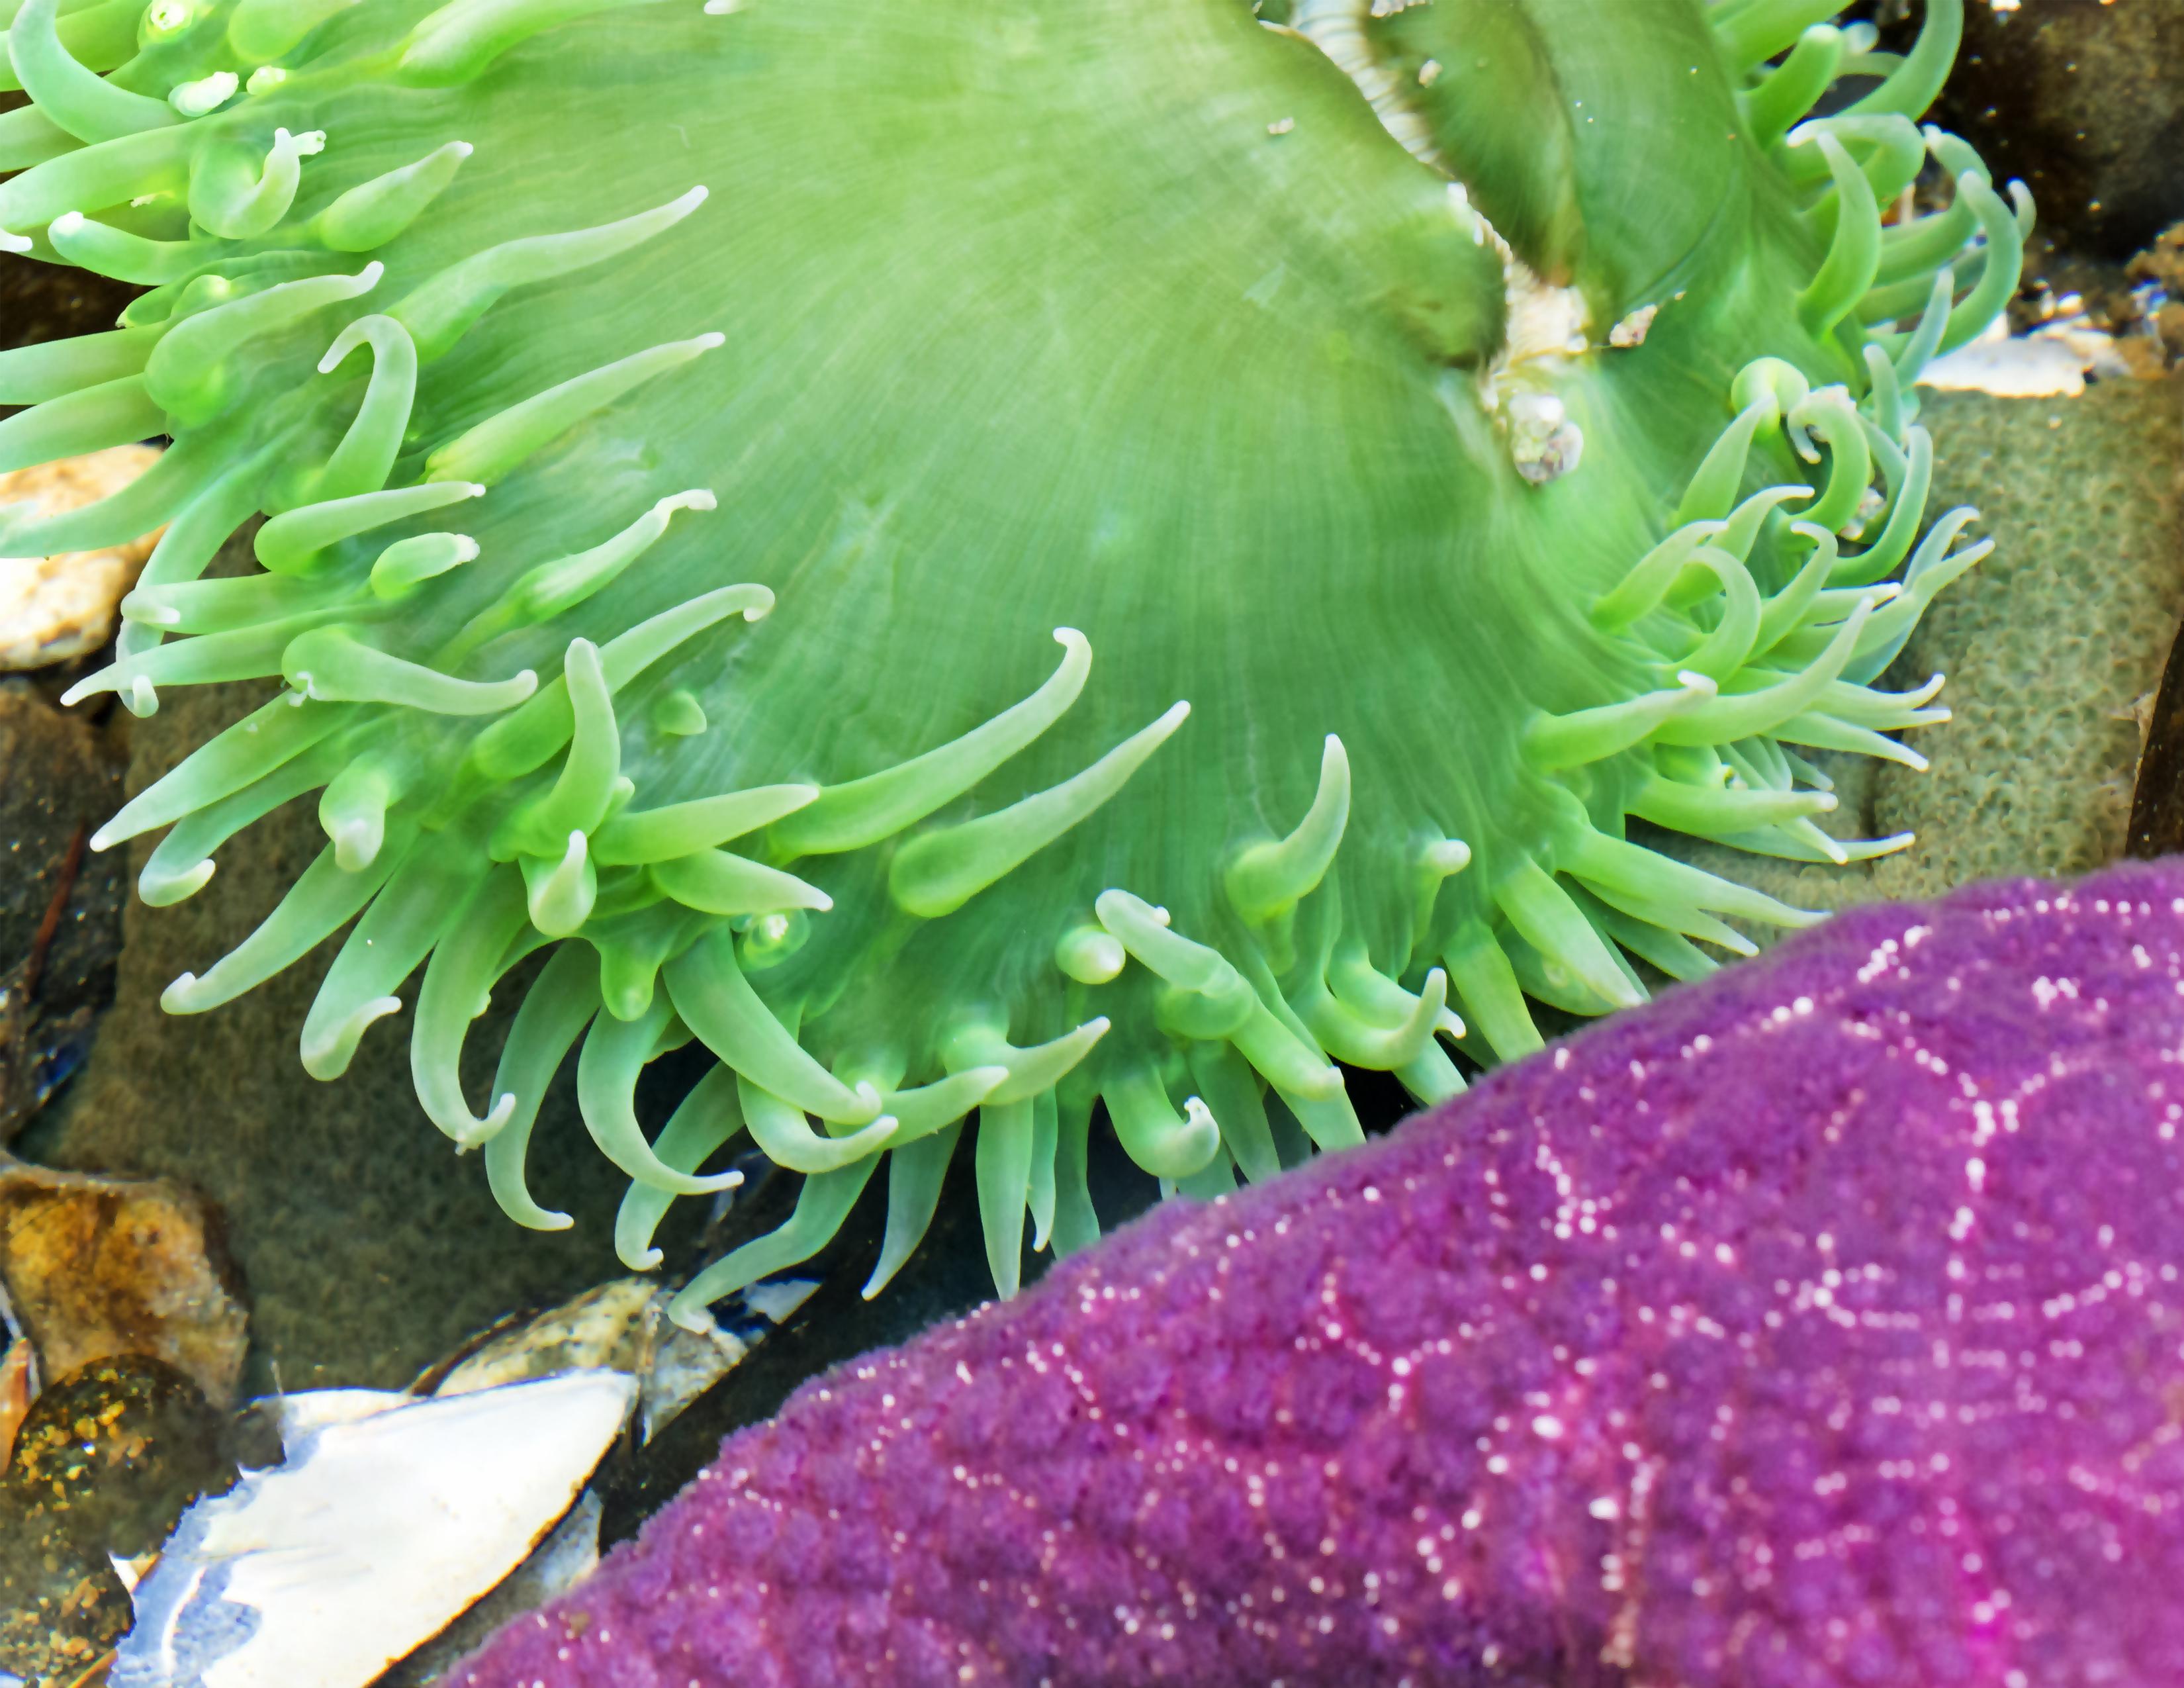 anemone and starfish